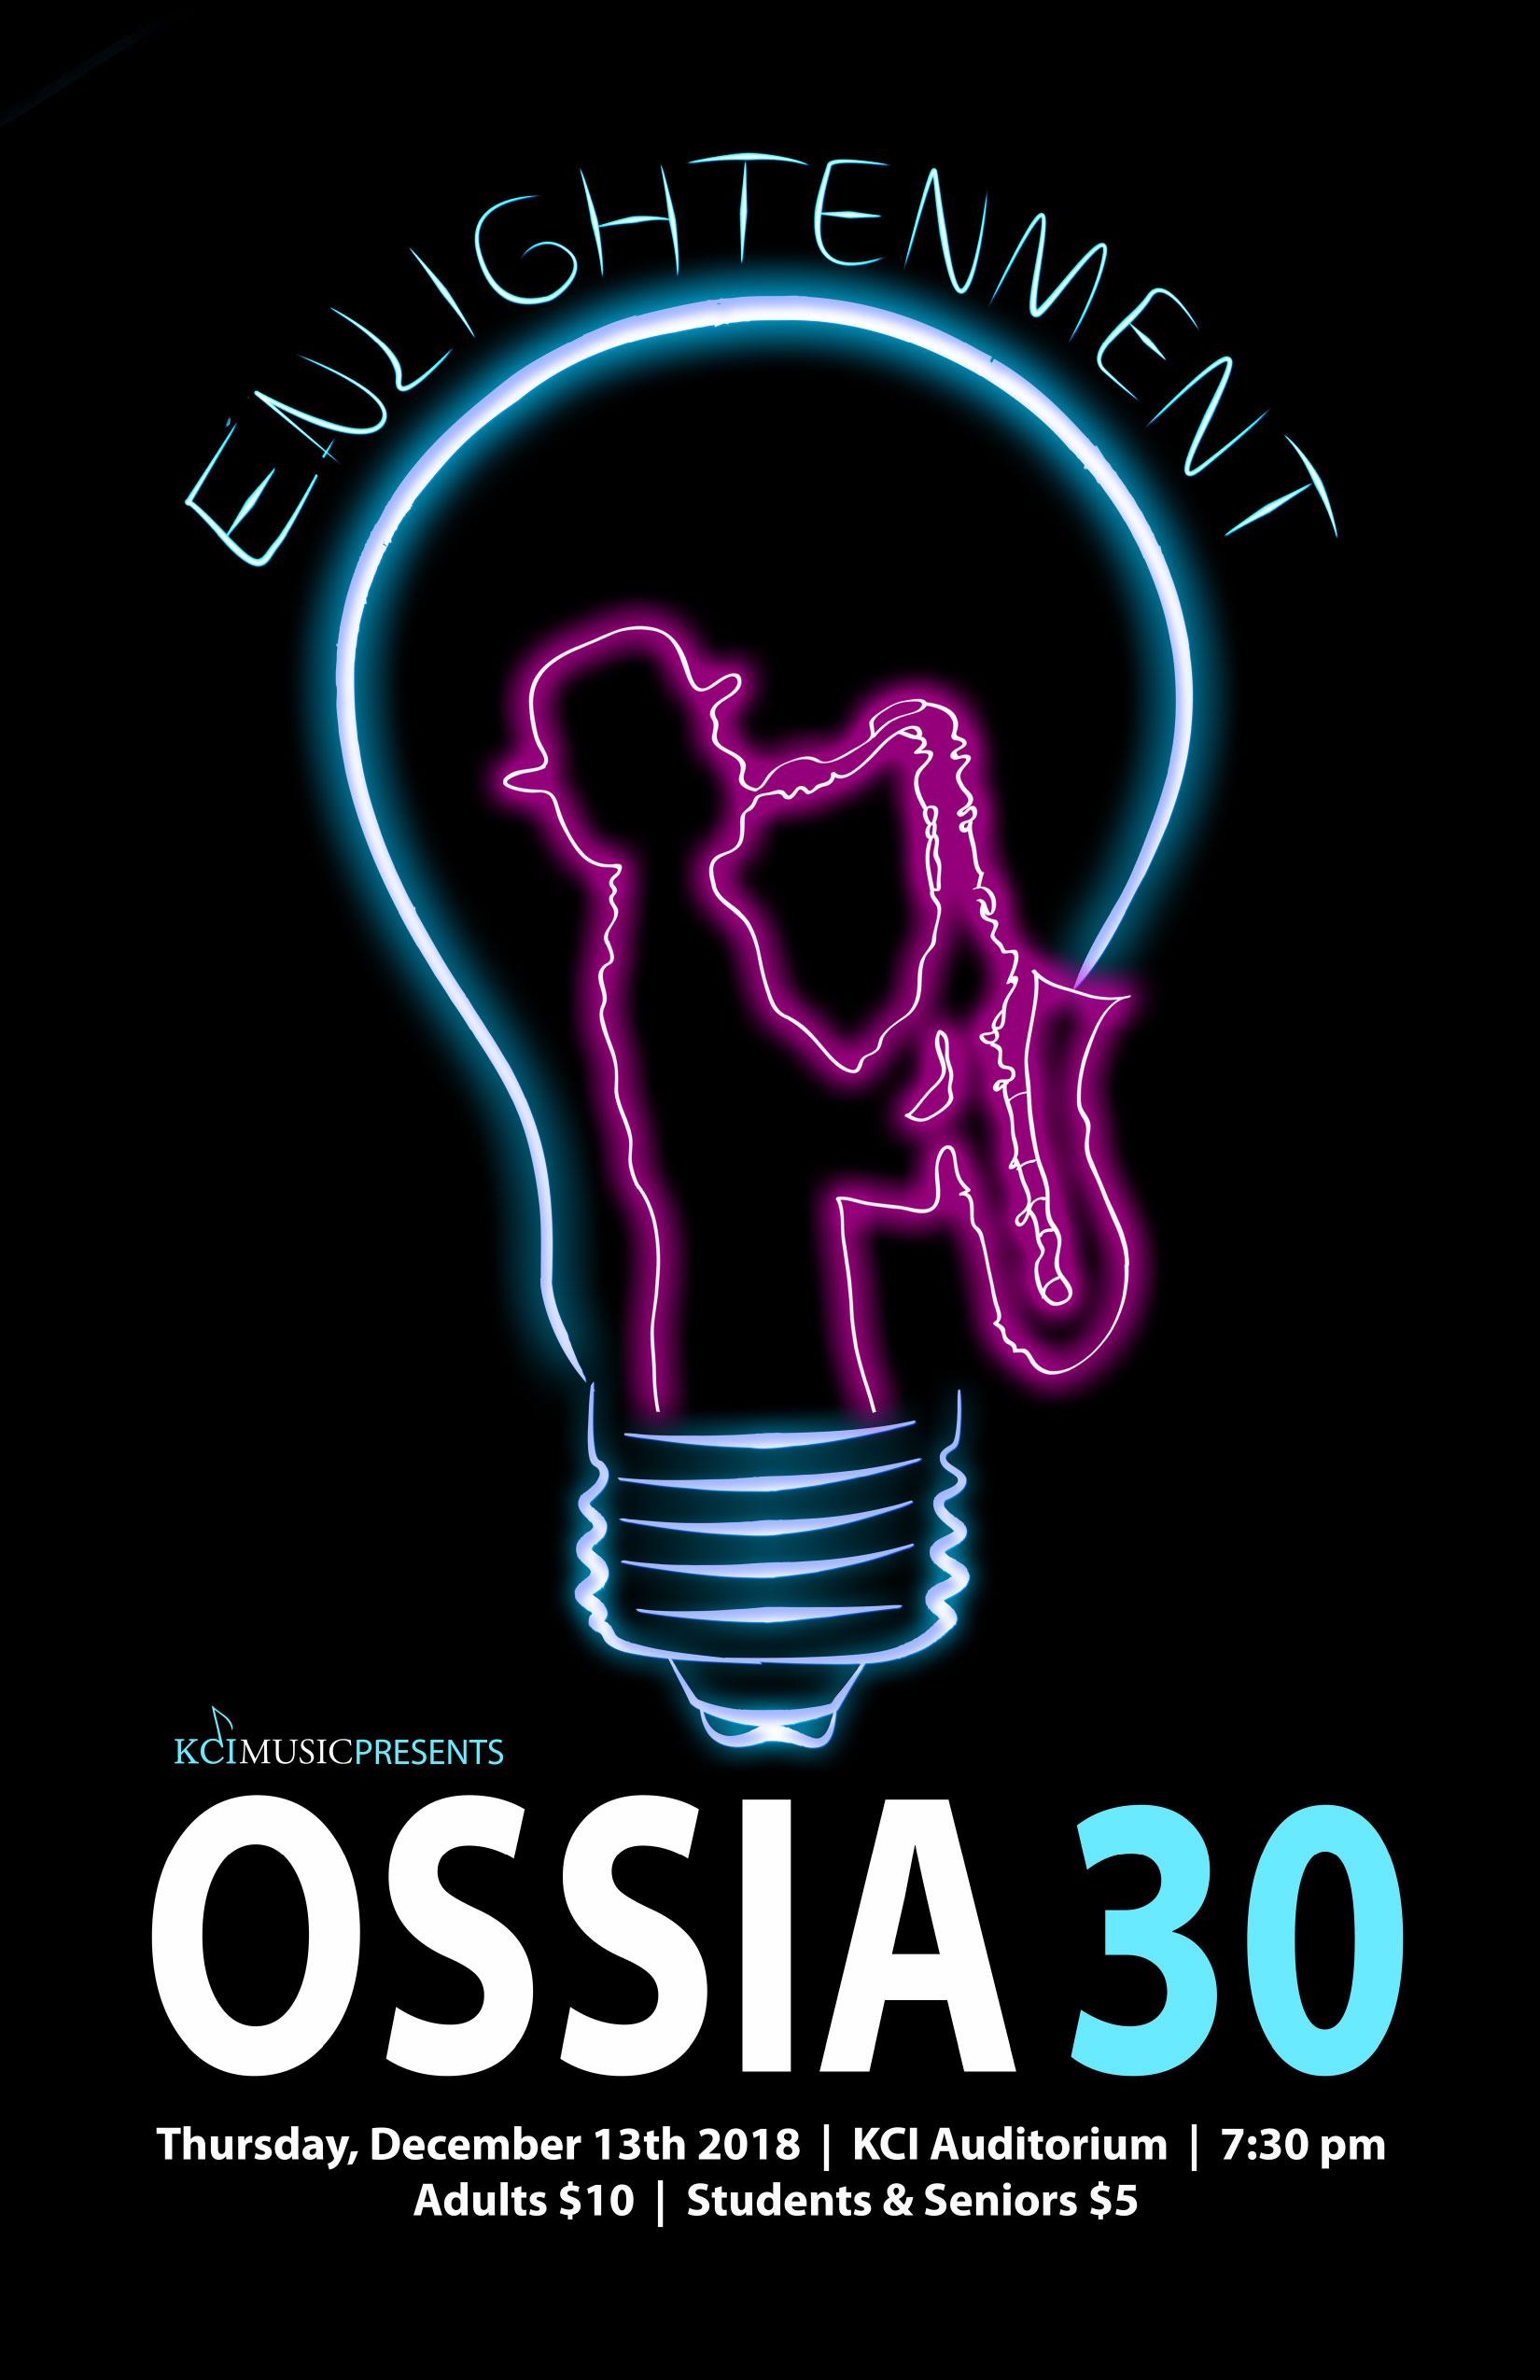 OSSIA 30